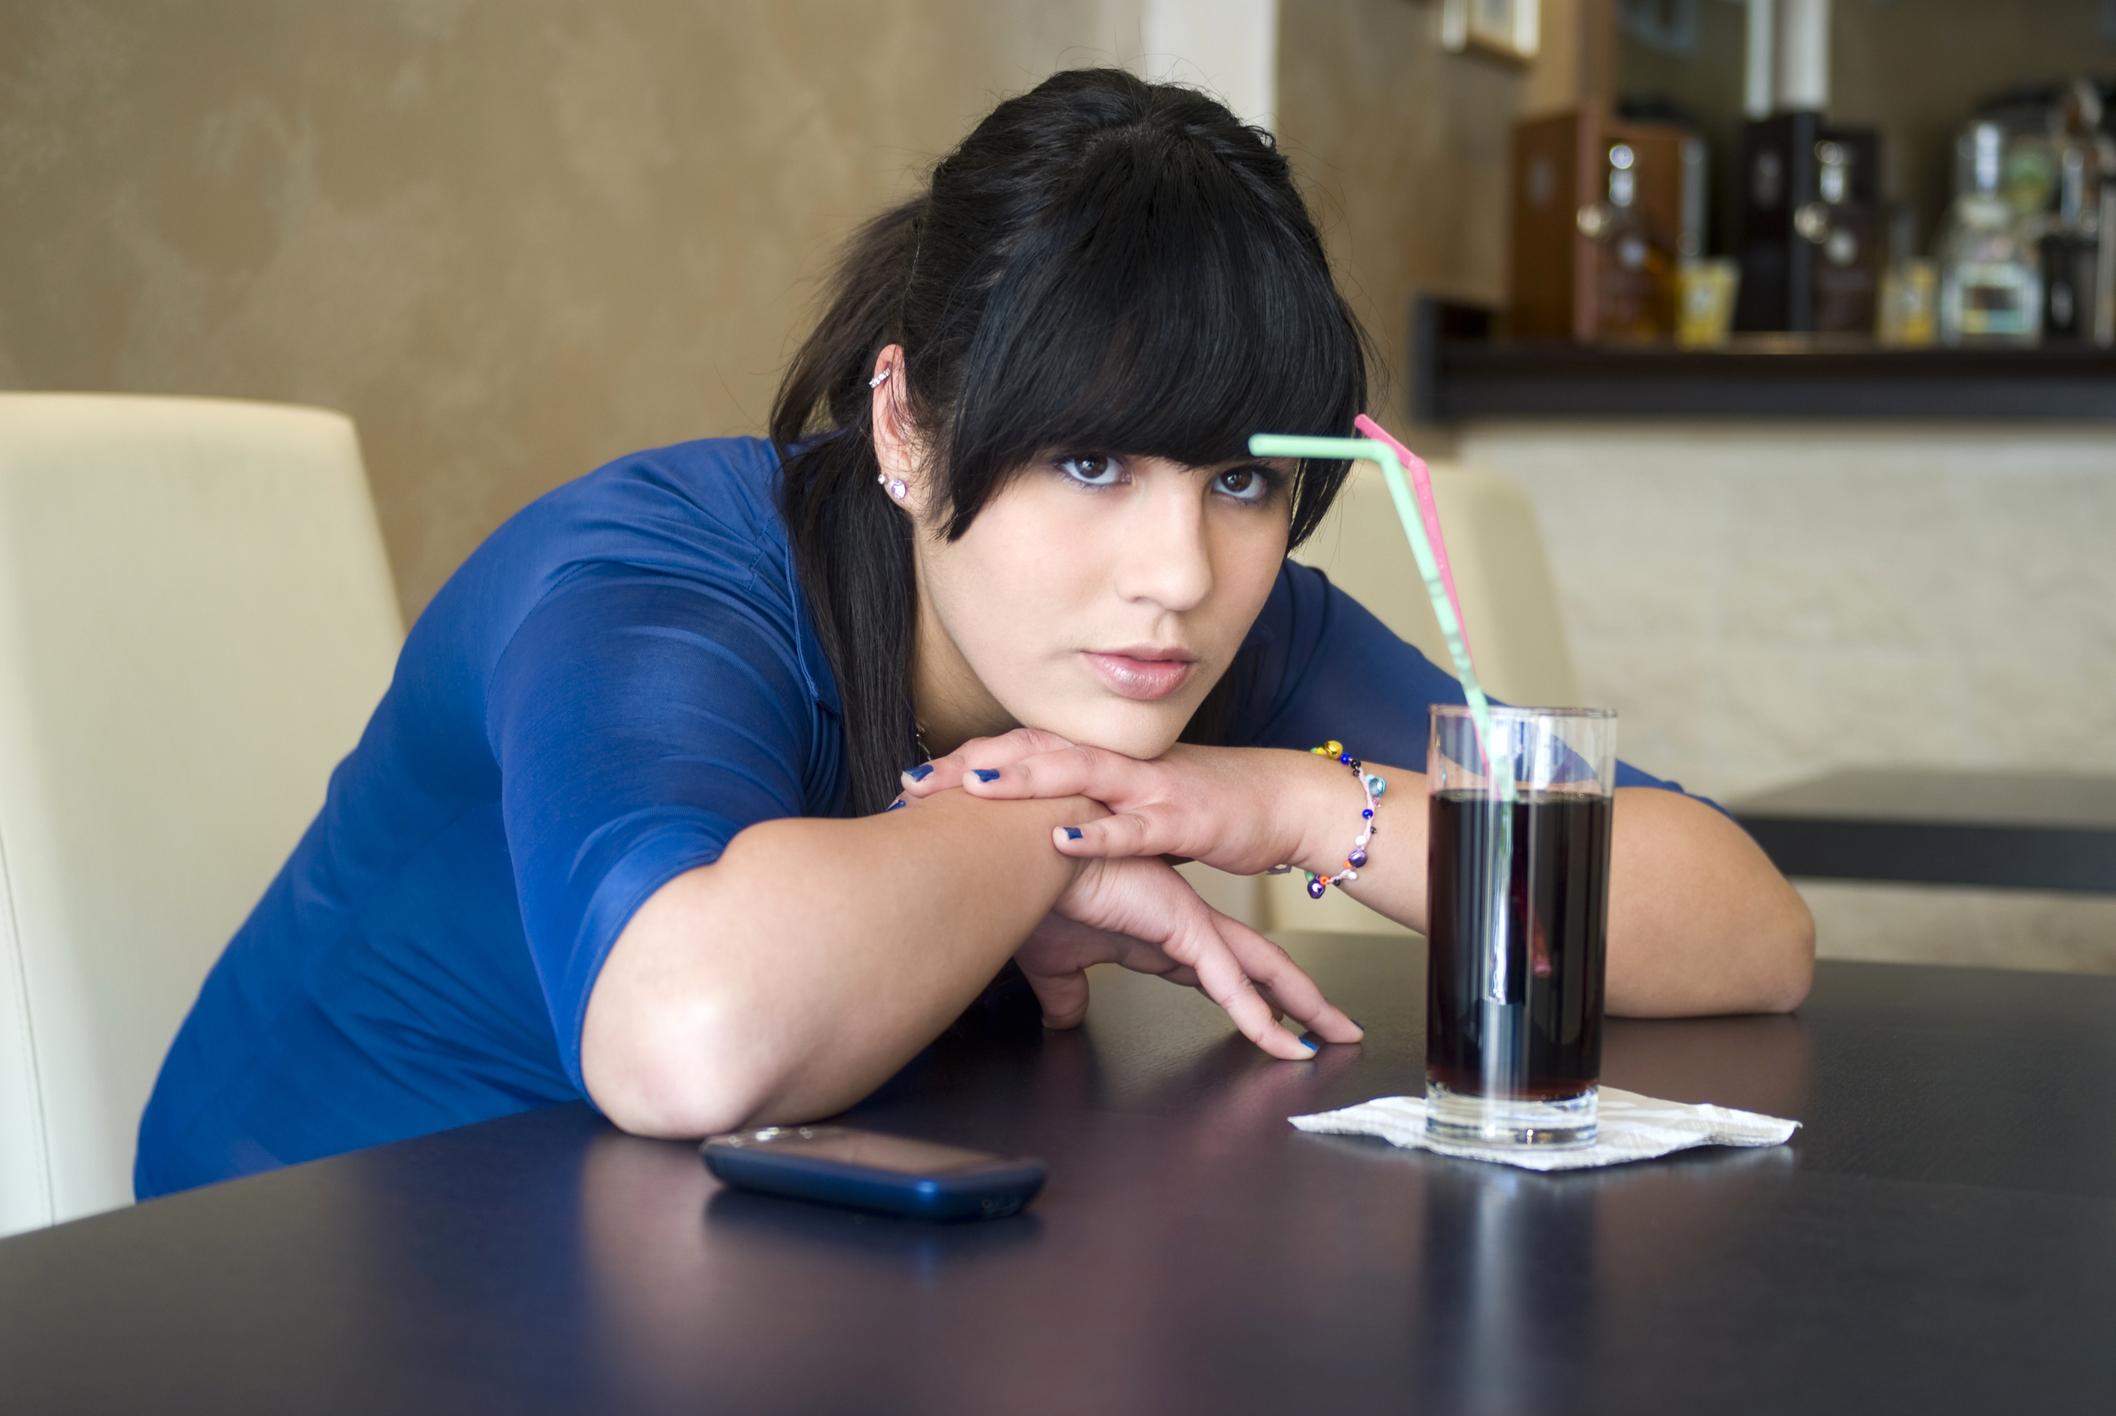 Ung kvinne sitter ved et bord og ser bekymret ut